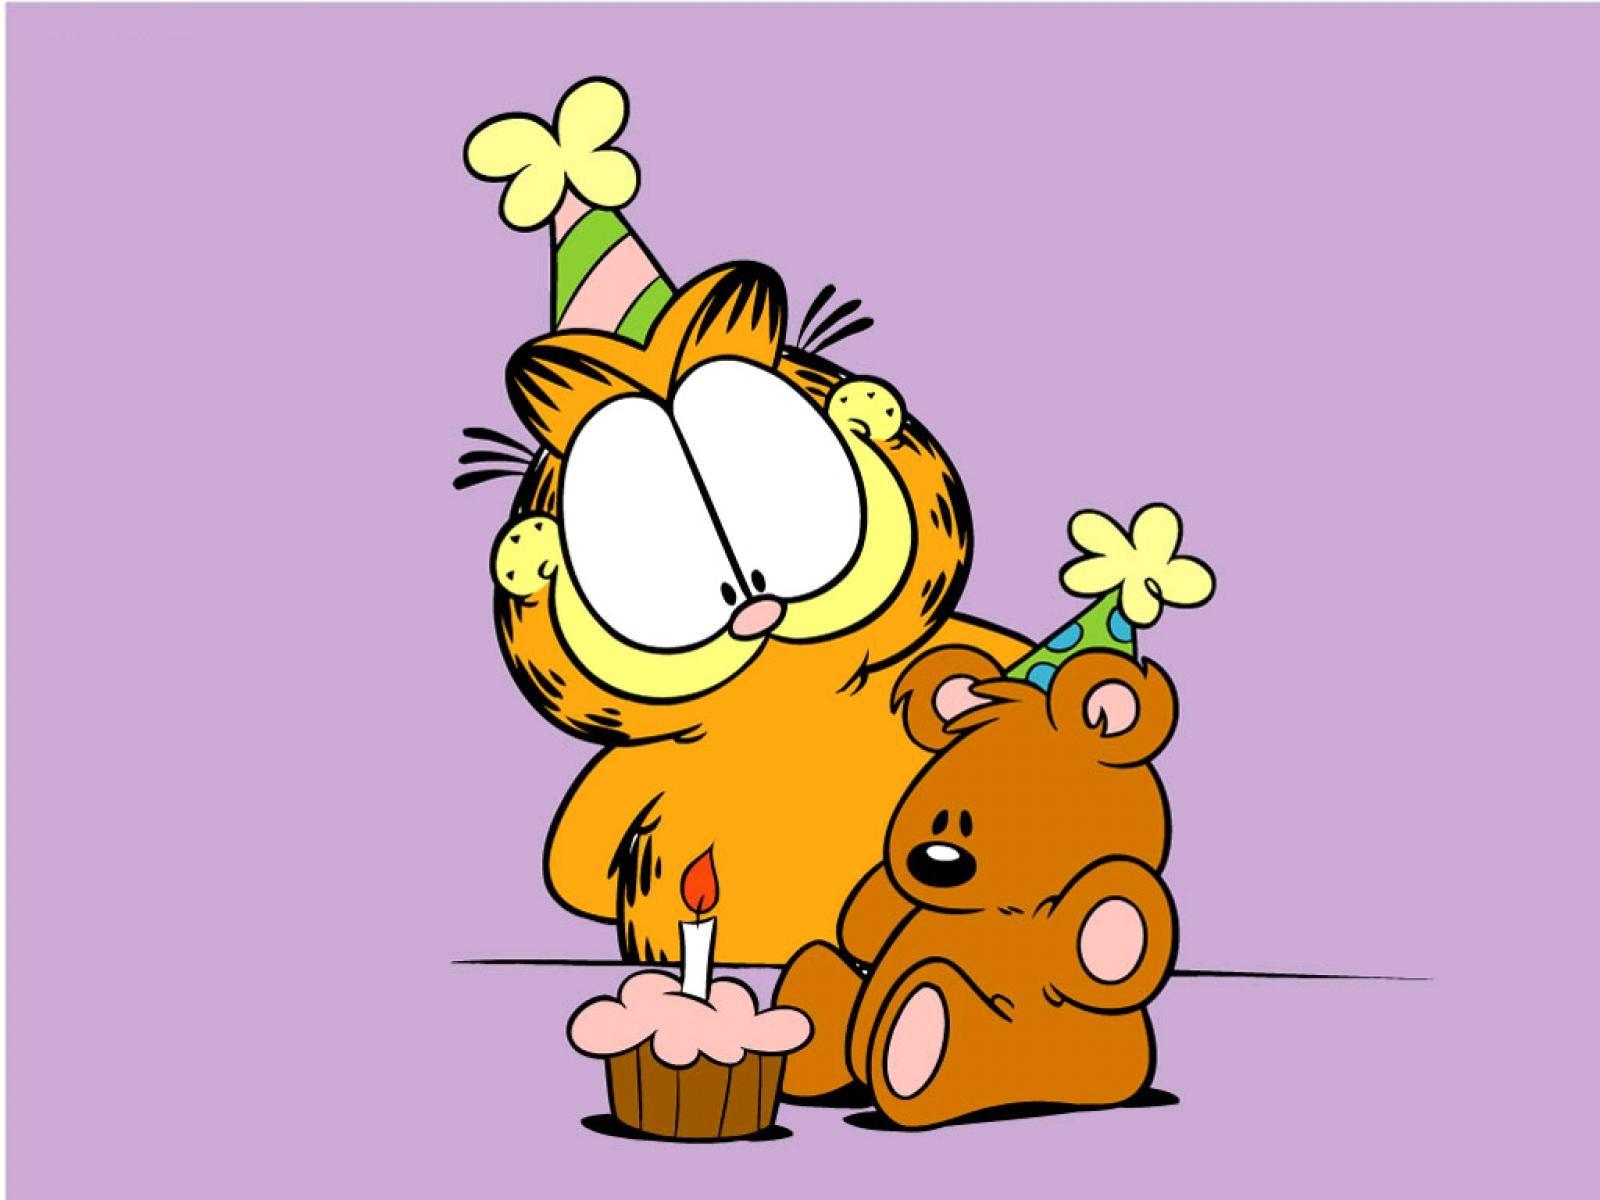 Make A Wish Garfield Pookie Garfield Imagenes Garfield Y Sus Amigos Feliz Cumpleanos Garfield